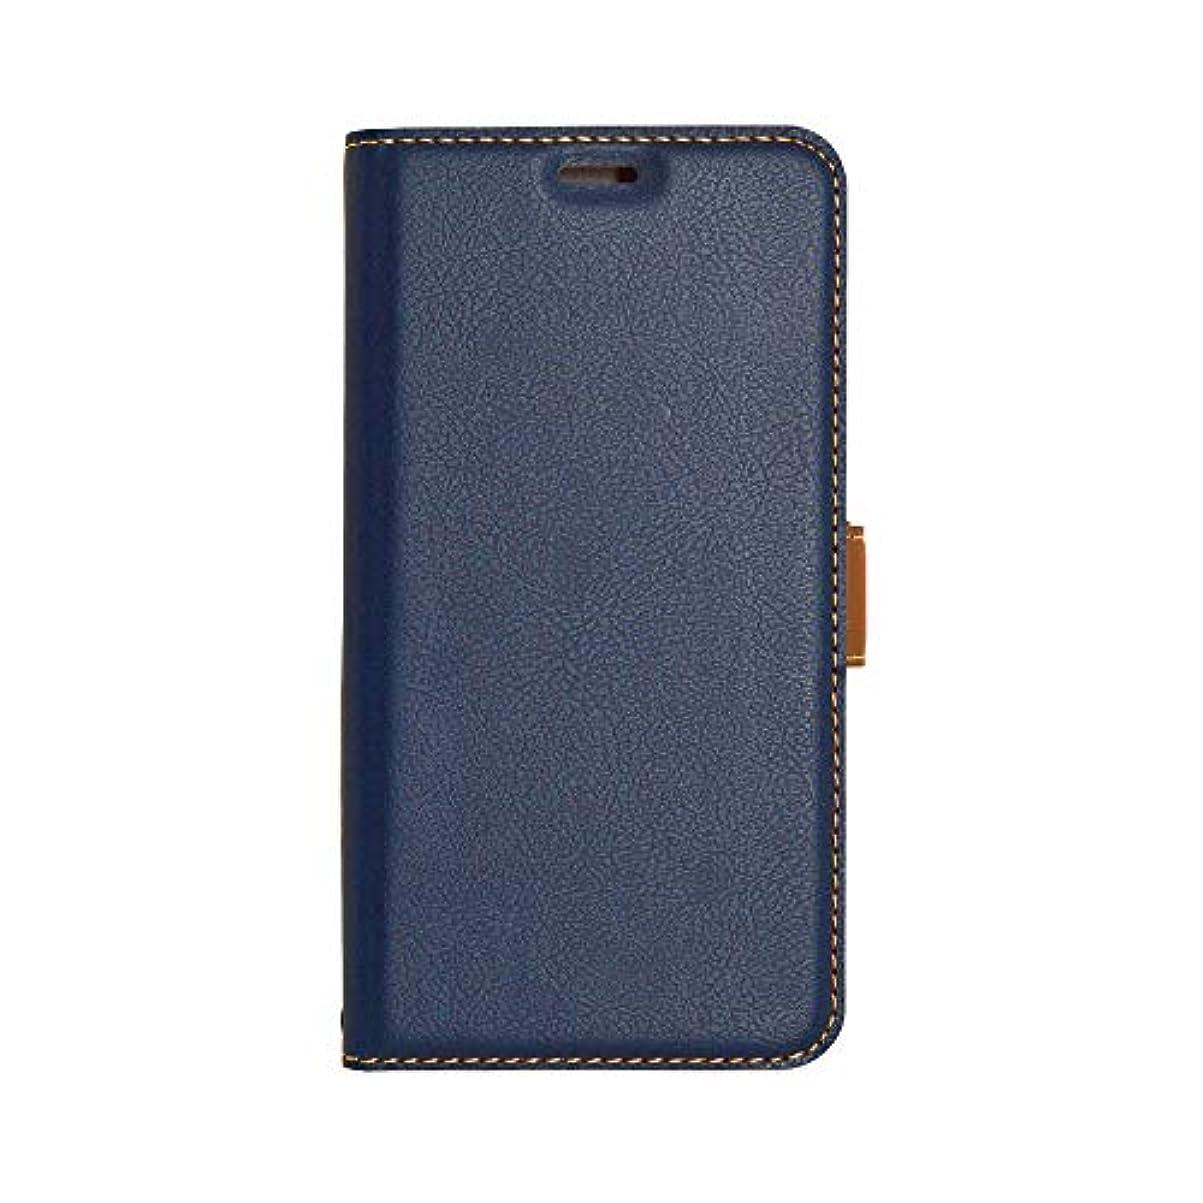 守る探すスカリーラスタバナナ iPhone XR ケース/カバー 手帳型 +COLOR 薄型 サイドマグネット NV×BR アイフォン スマホケース 4241IP861BO